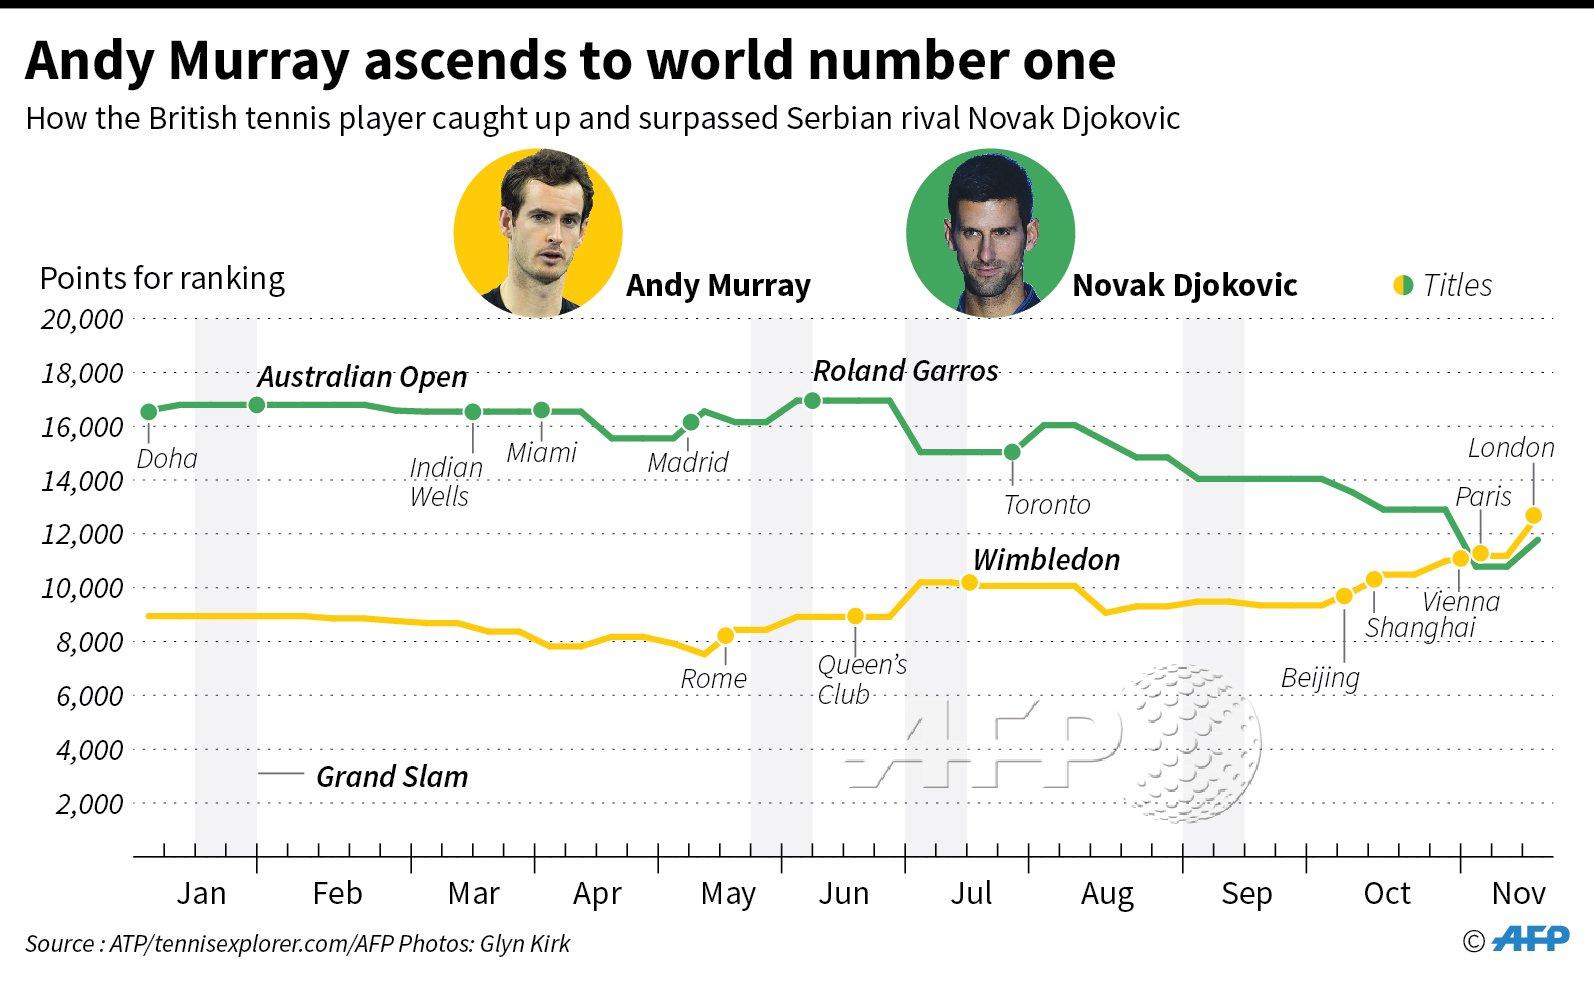 When Andy Murray surpassed Novak Djokovic